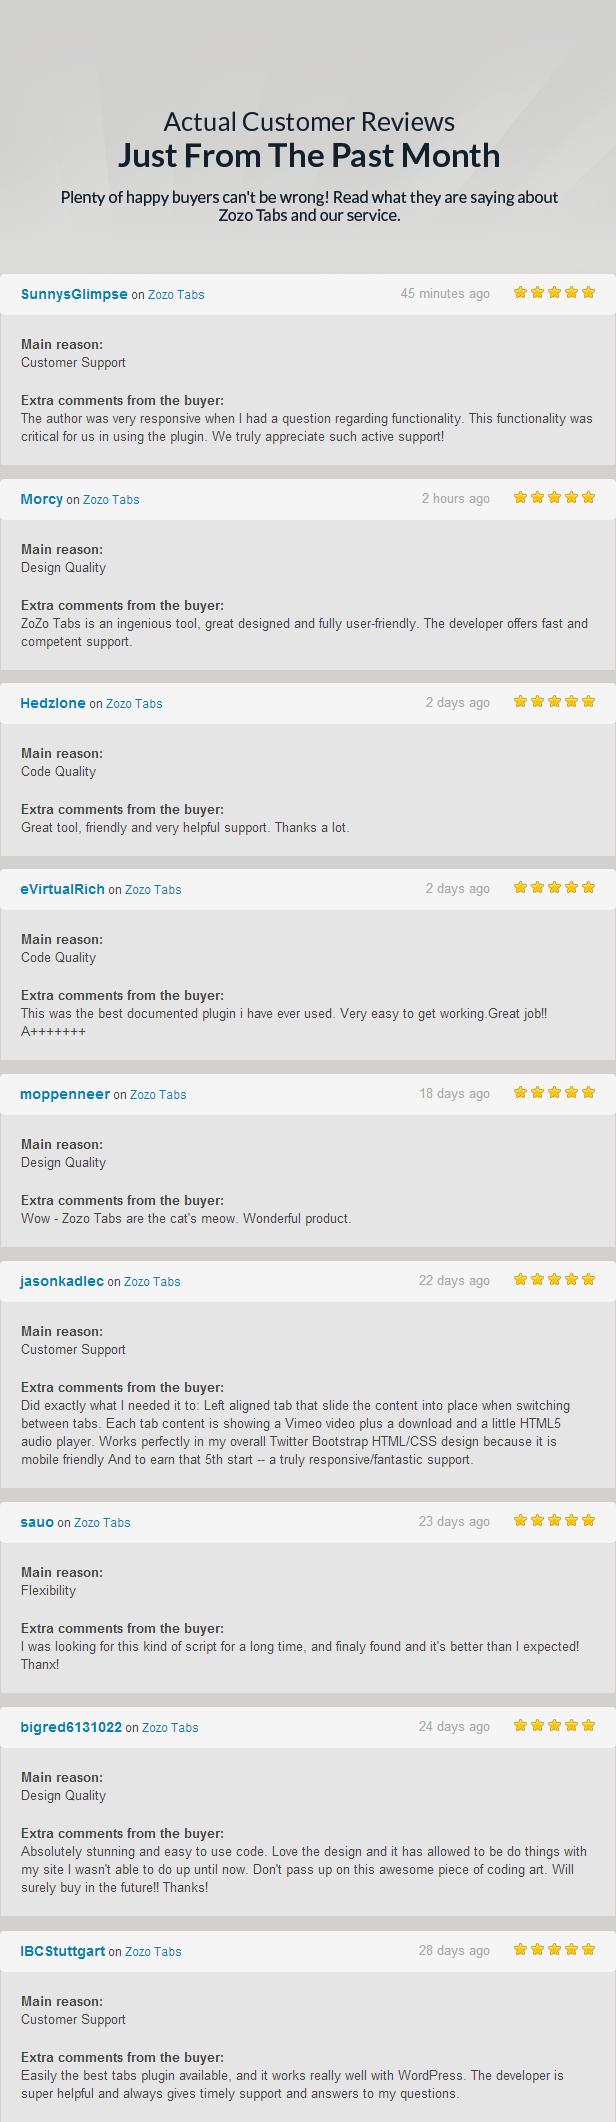 Faktiska Kundrecensioner bara från den senaste månaden Plenty lyckliga köpare cant fel! Läs vad de säger om Zozo Flikar och vår service. SunnysGlimpse Zozo Tabs minuter sedan Huvud Kundsupport Extra kommentarer från Författaren var mycket lyhörda när hade frågor om funktionalitet. Denna funktion var avgörande för att använda insticksprogrammet verkligen uppskattar sådant aktivt stöd! Morcy Zozo Tabs timmar sedan Huvud Design Quality Extra kommentarer från Zozo Tabs geniala verktyg, stora designade och fullt Utvecklaren erbjuder snabb och kompetent support Hedzlone Zozo Tabs dagar sedan Huvud Code Kvalitet Extra kommentarer från Bra verktyg, vänlig och mycket hjälpsam support Tack mycket eVirtualRich Zozo Tabs dagar sedan Huvud Code Kvalitet Extra kommentarer